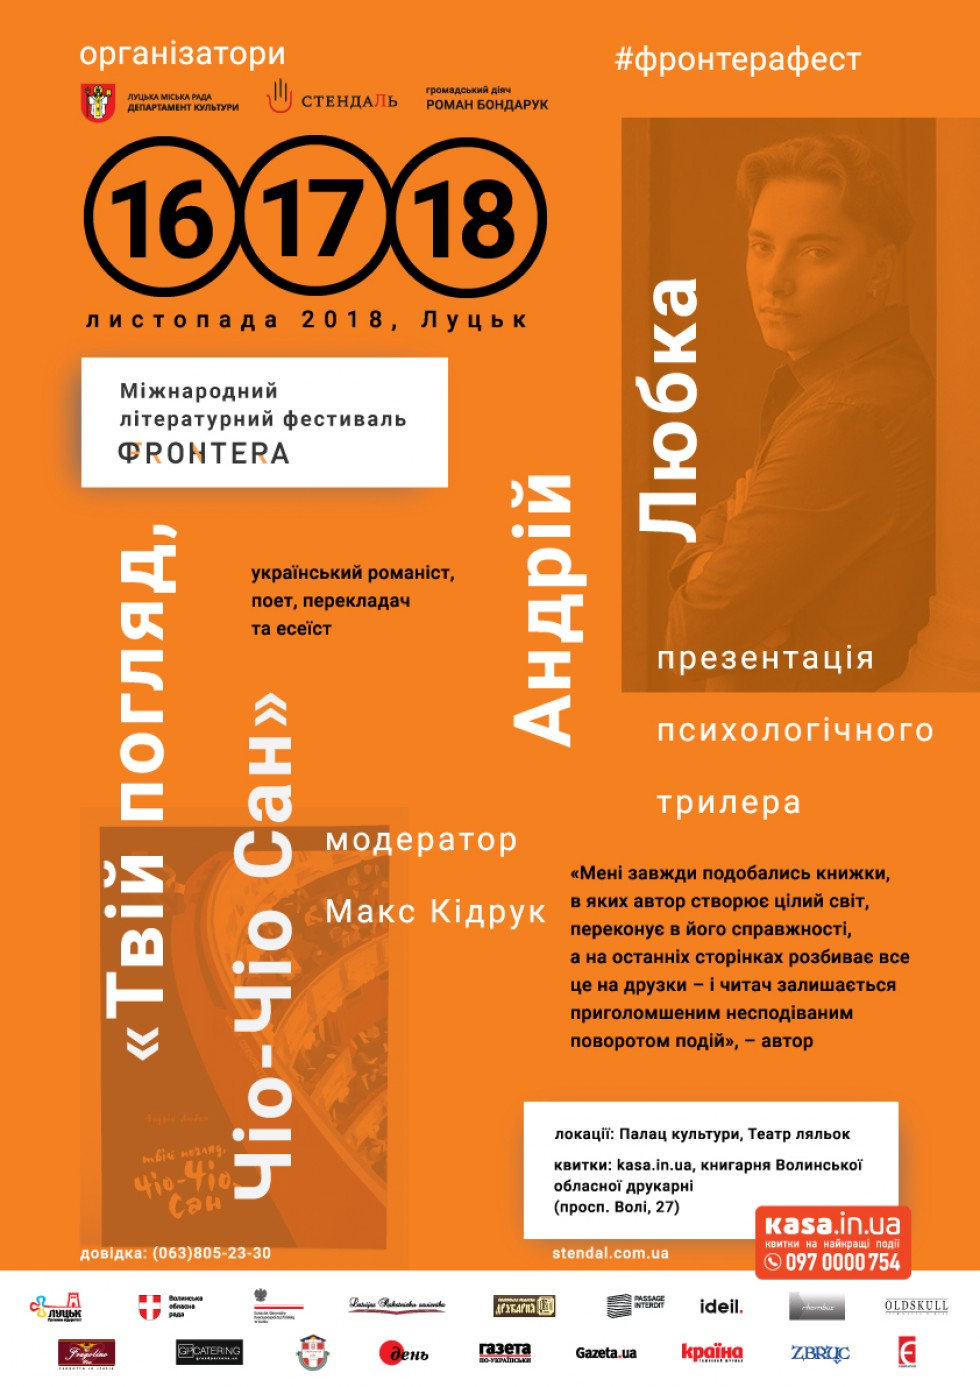 Андрій Любка презентує новий роман на фестивалі «Фронтера»